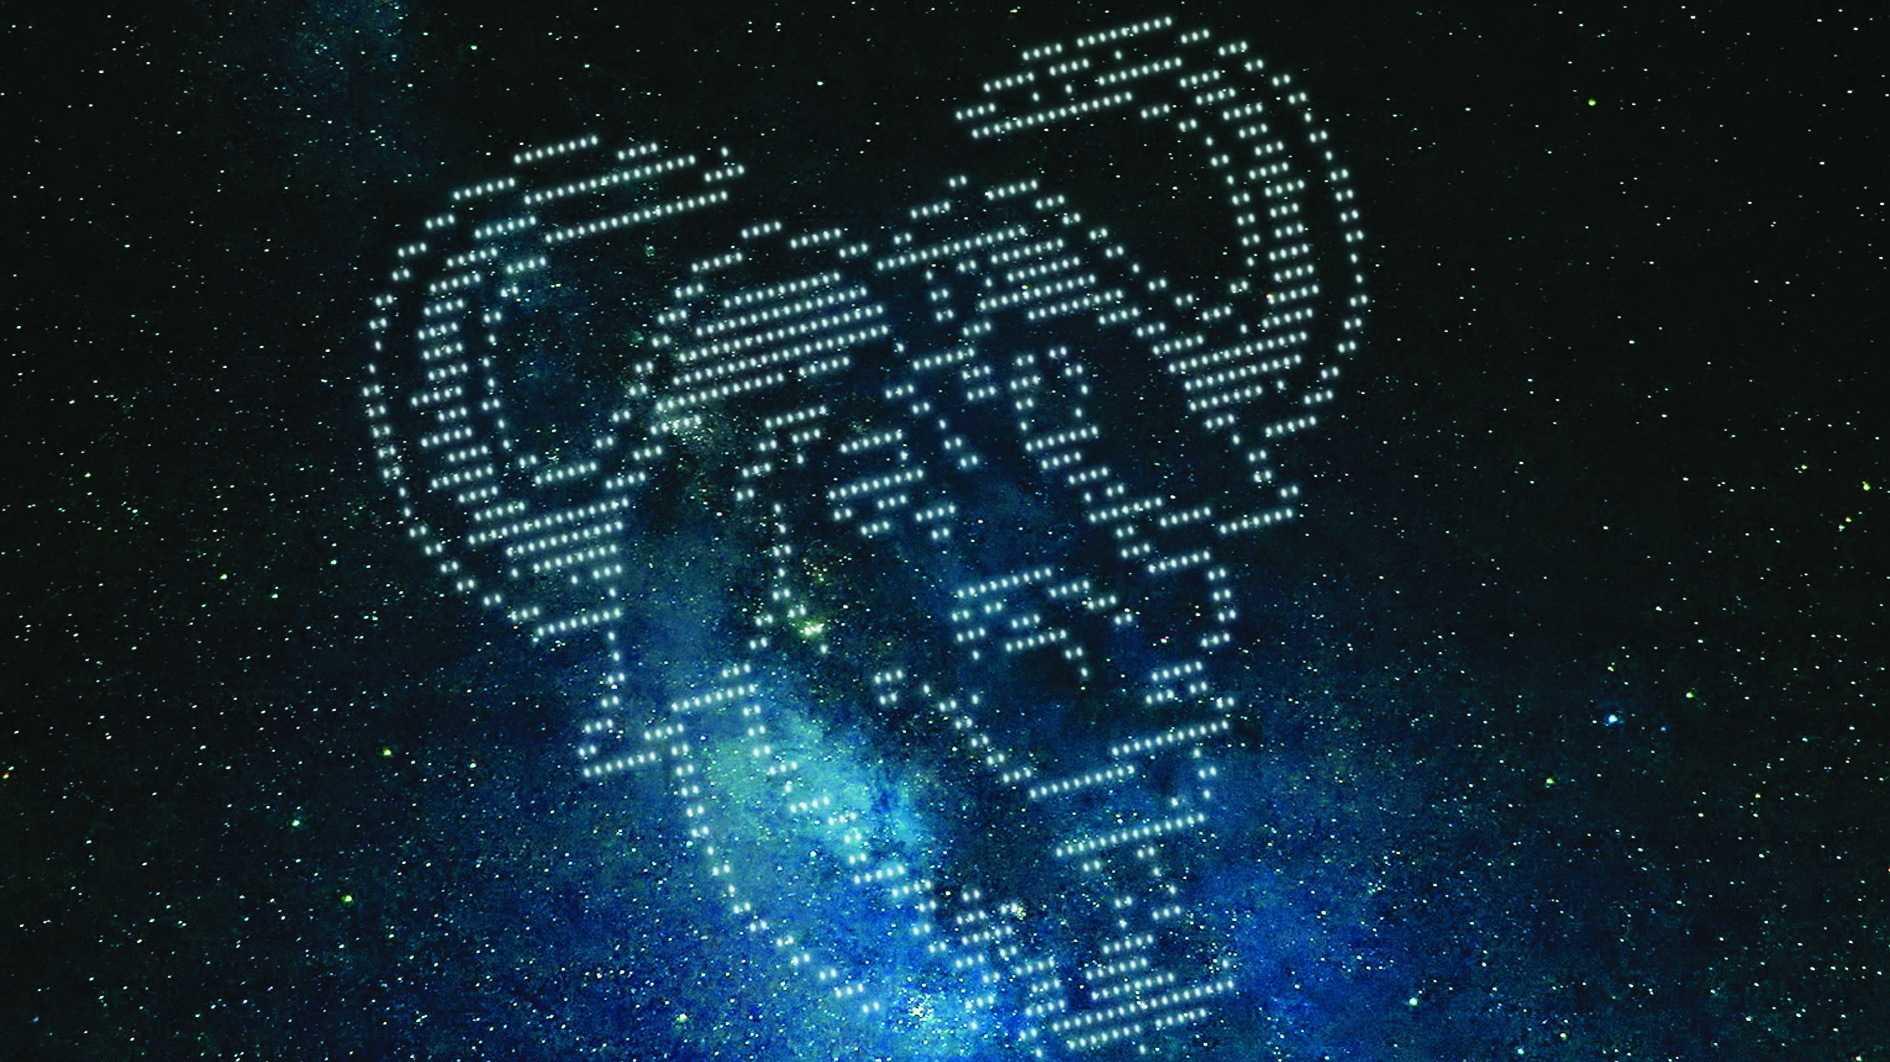 Kommentar der FSF zu den GitHub-Nutzungsbedingungen